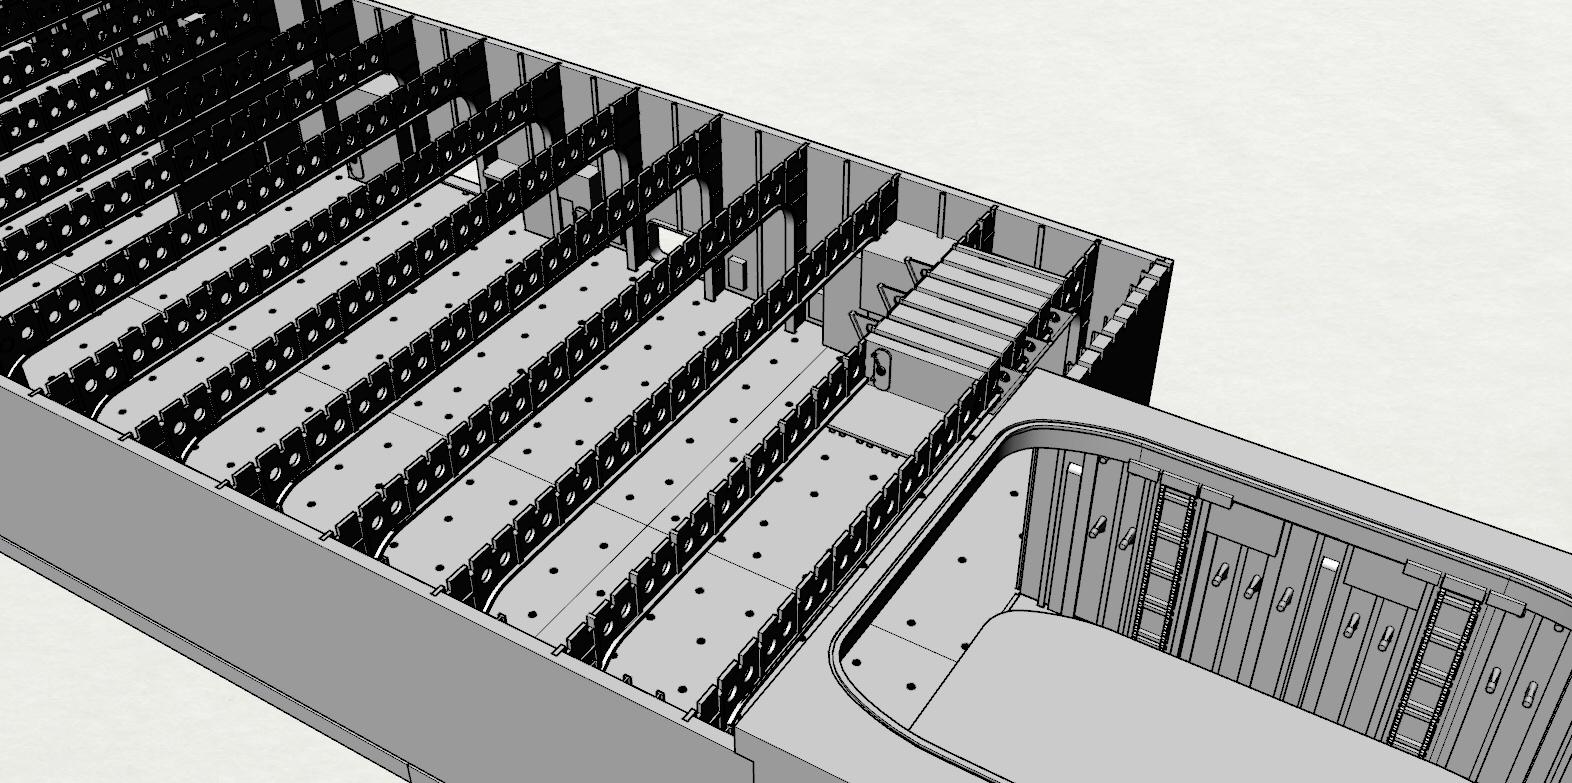 Porte-avions Clemenceau : conception et réalisation d'un kit d'amélioration - Page 2 17081610500623134915225102